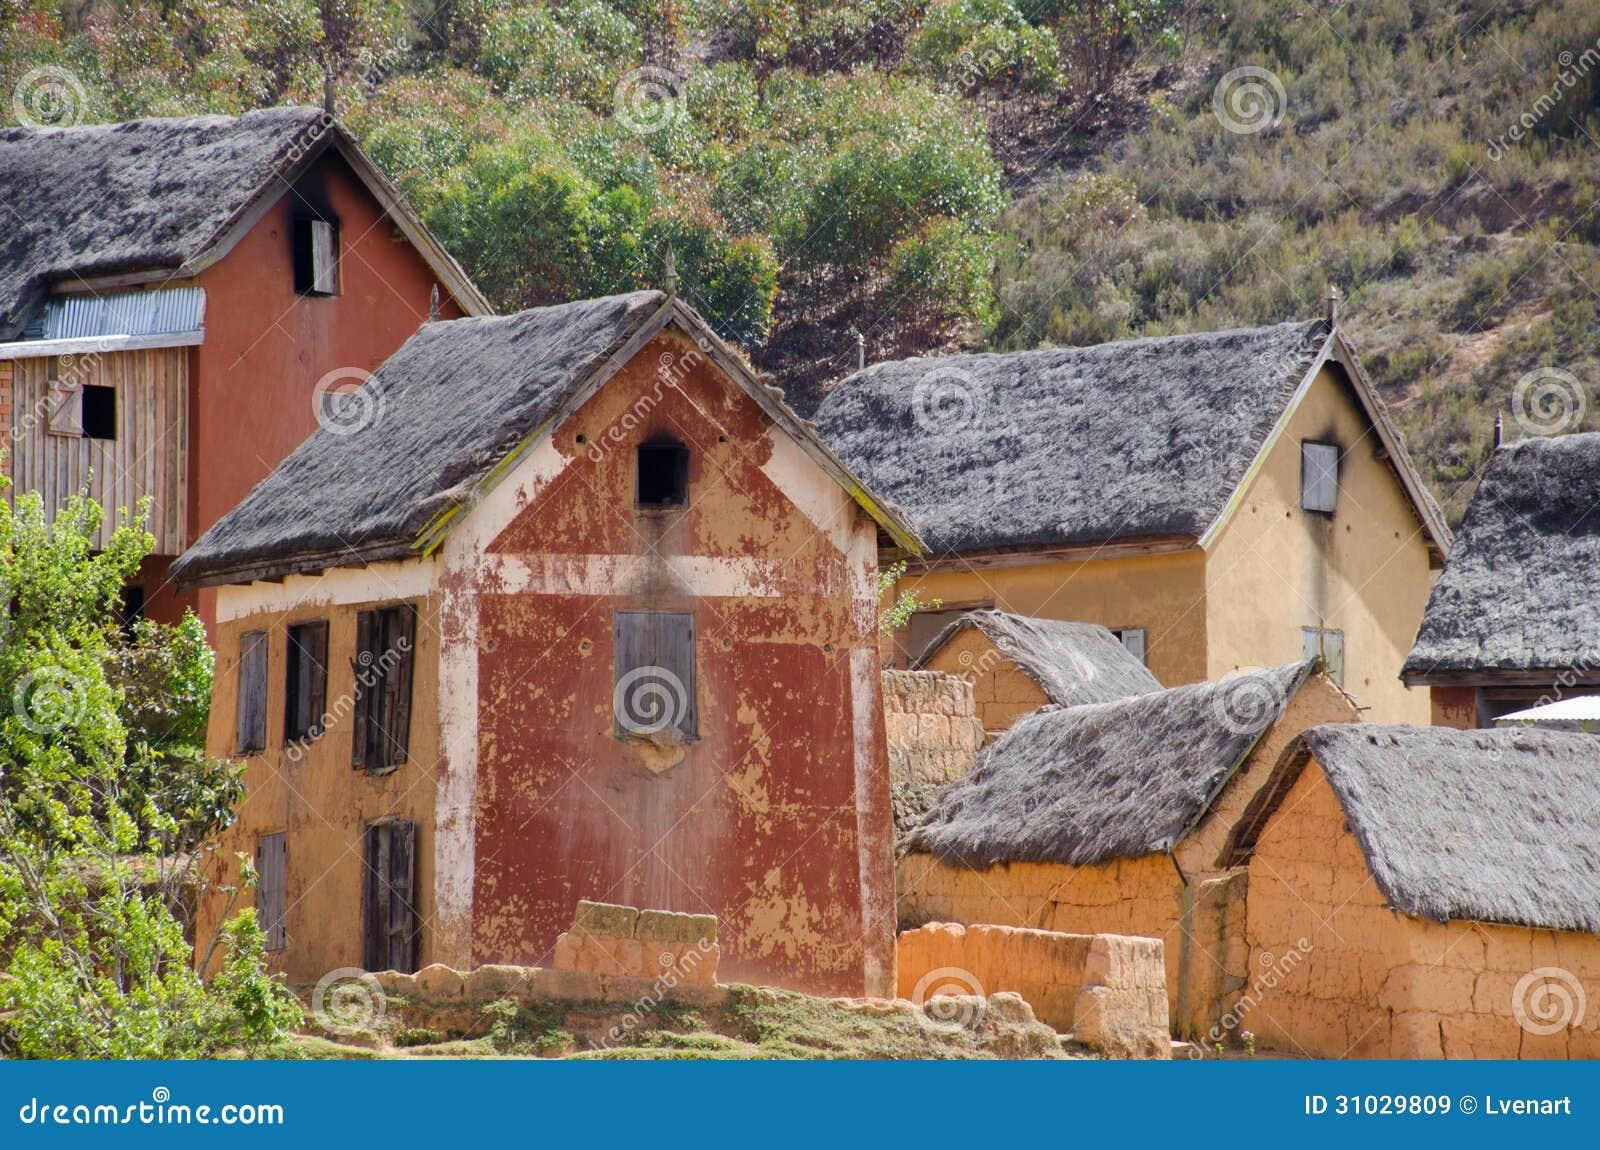 Case Di Mattoni Di Fango : Fango e case con mattoni a vista in un villaggio fuori di